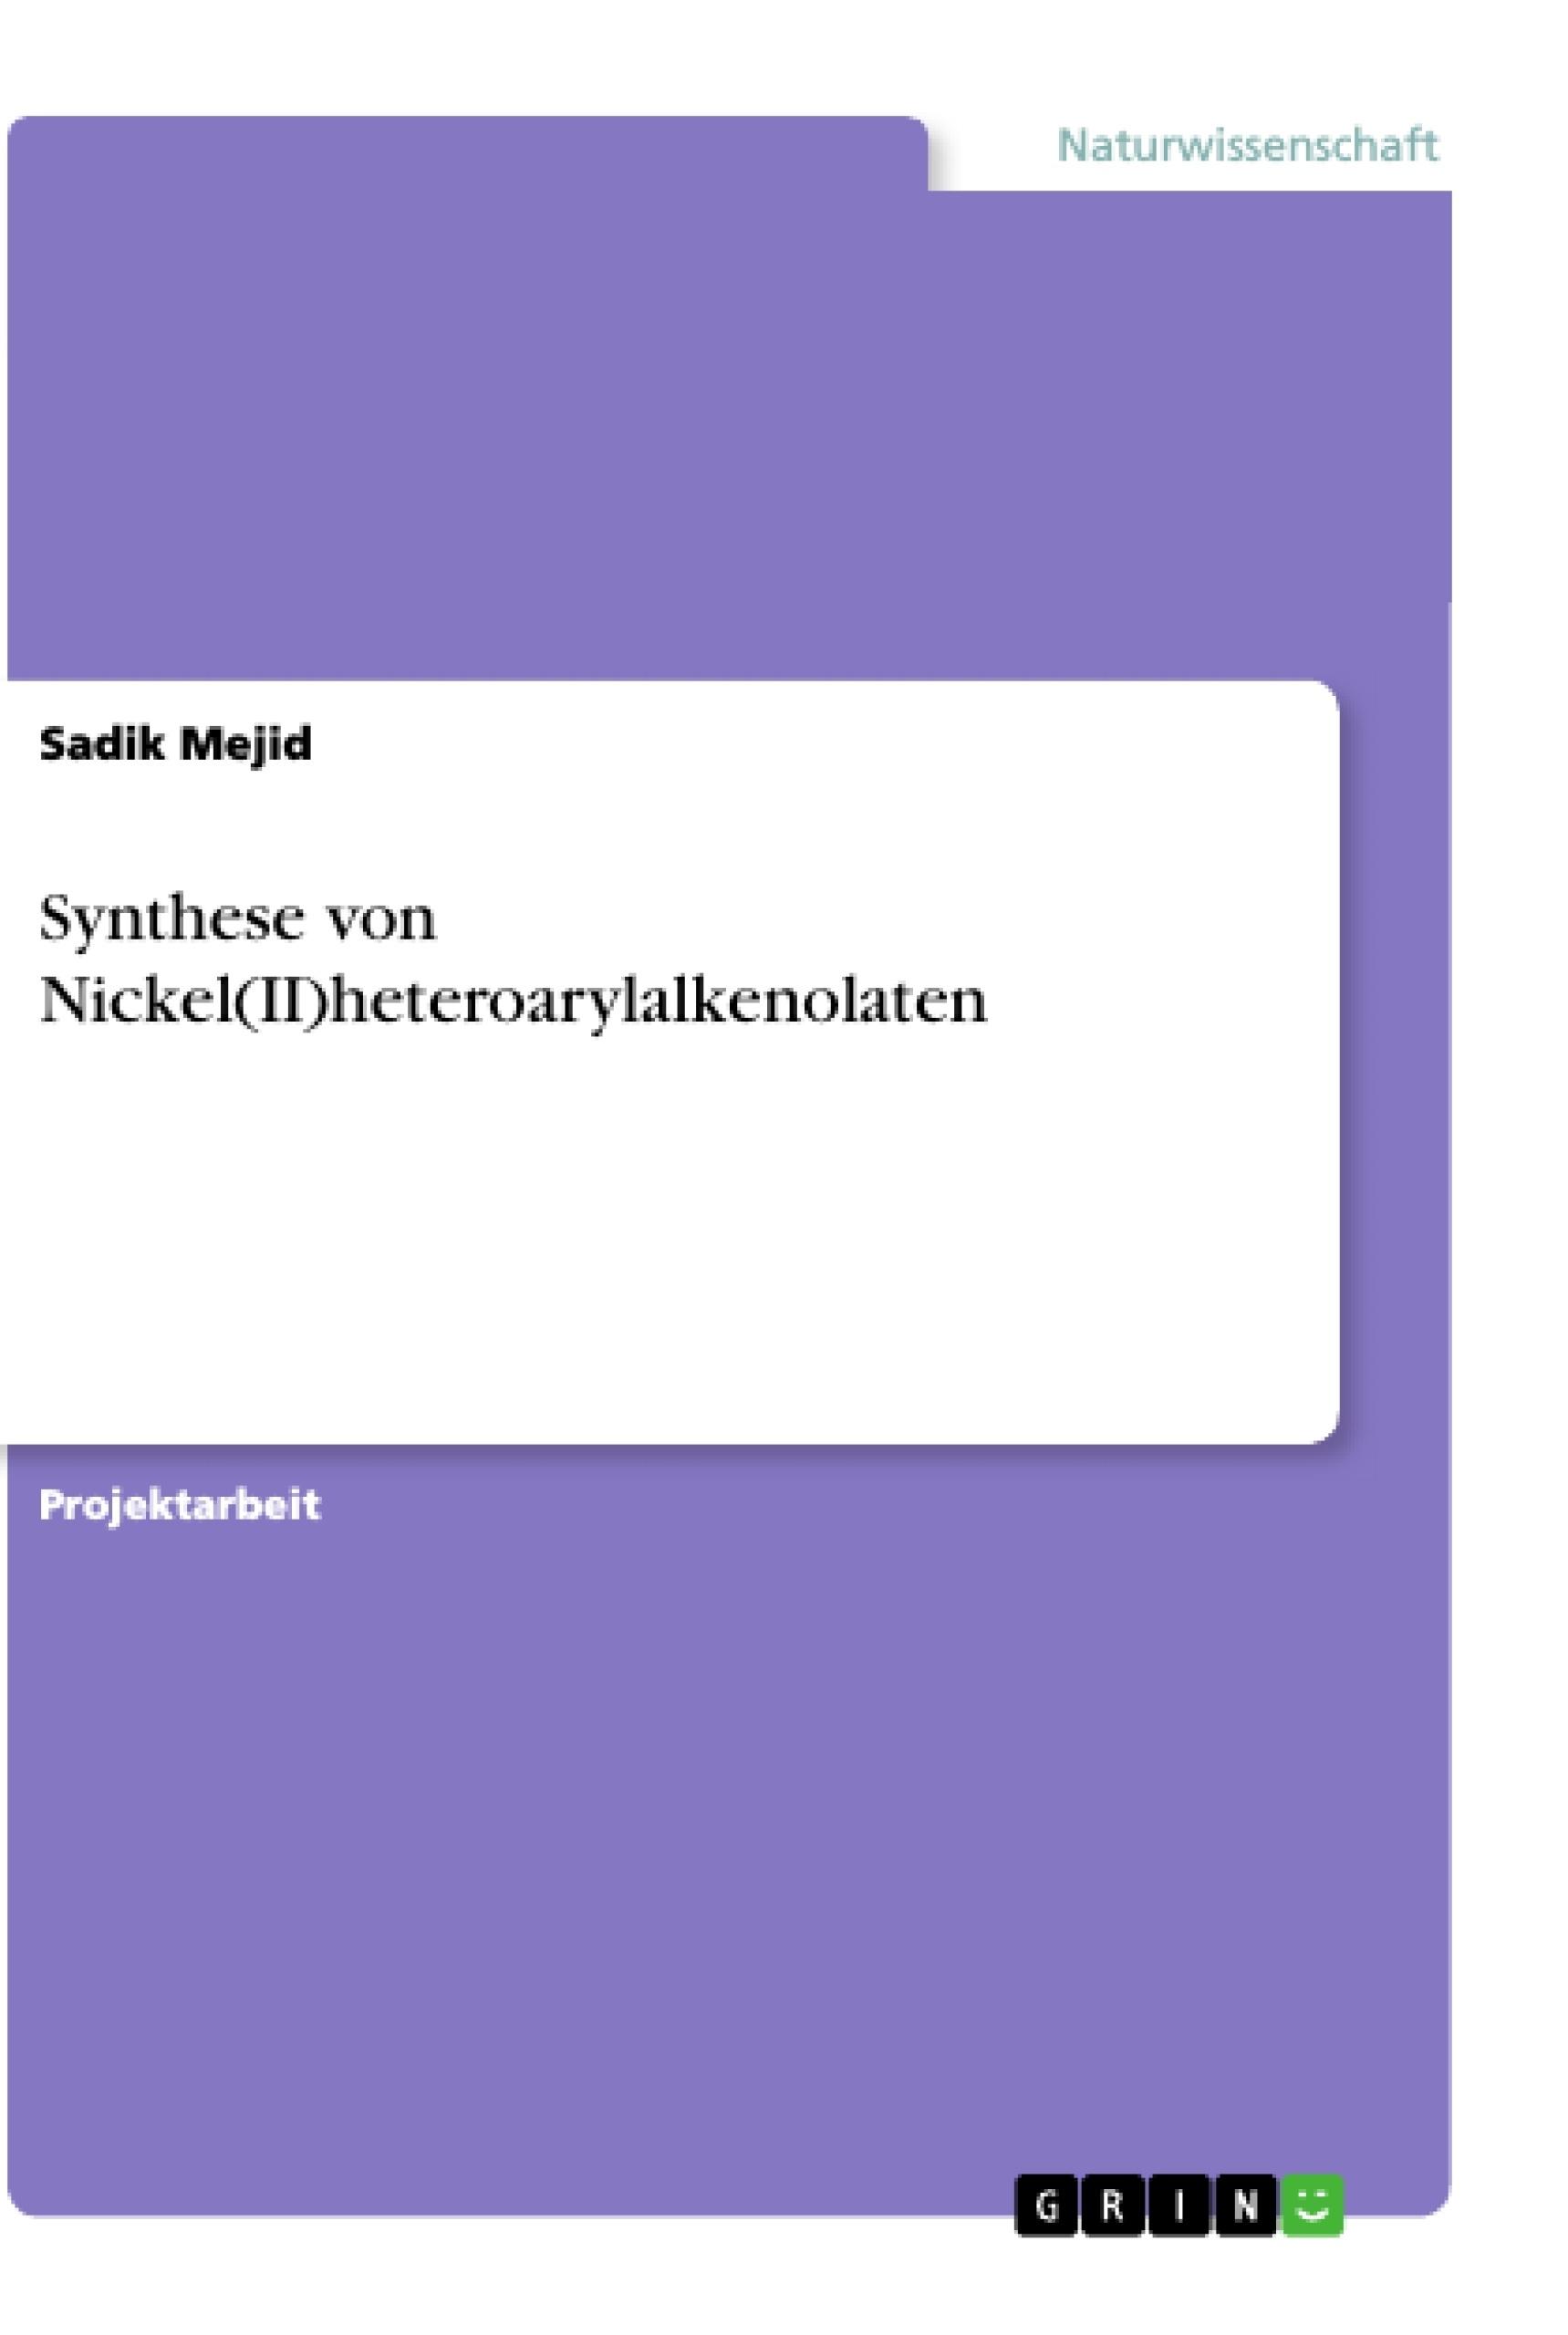 Titel: Synthese von Nickel(II)heteroarylalkenolaten